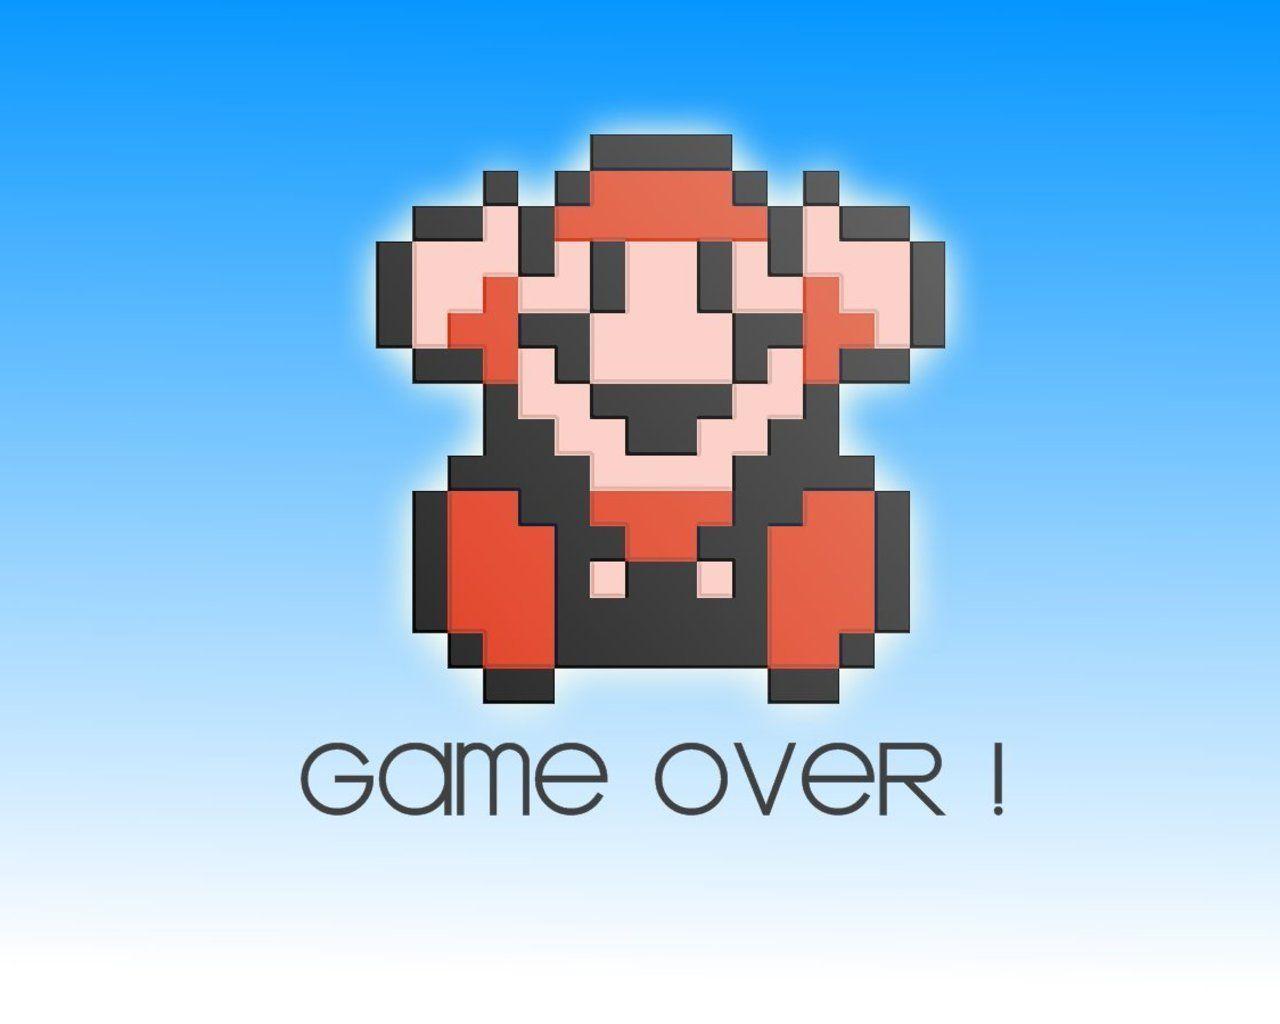 Best Playstation 3 Games Mario Bros Super Mario Bros Super Mario Bros Games